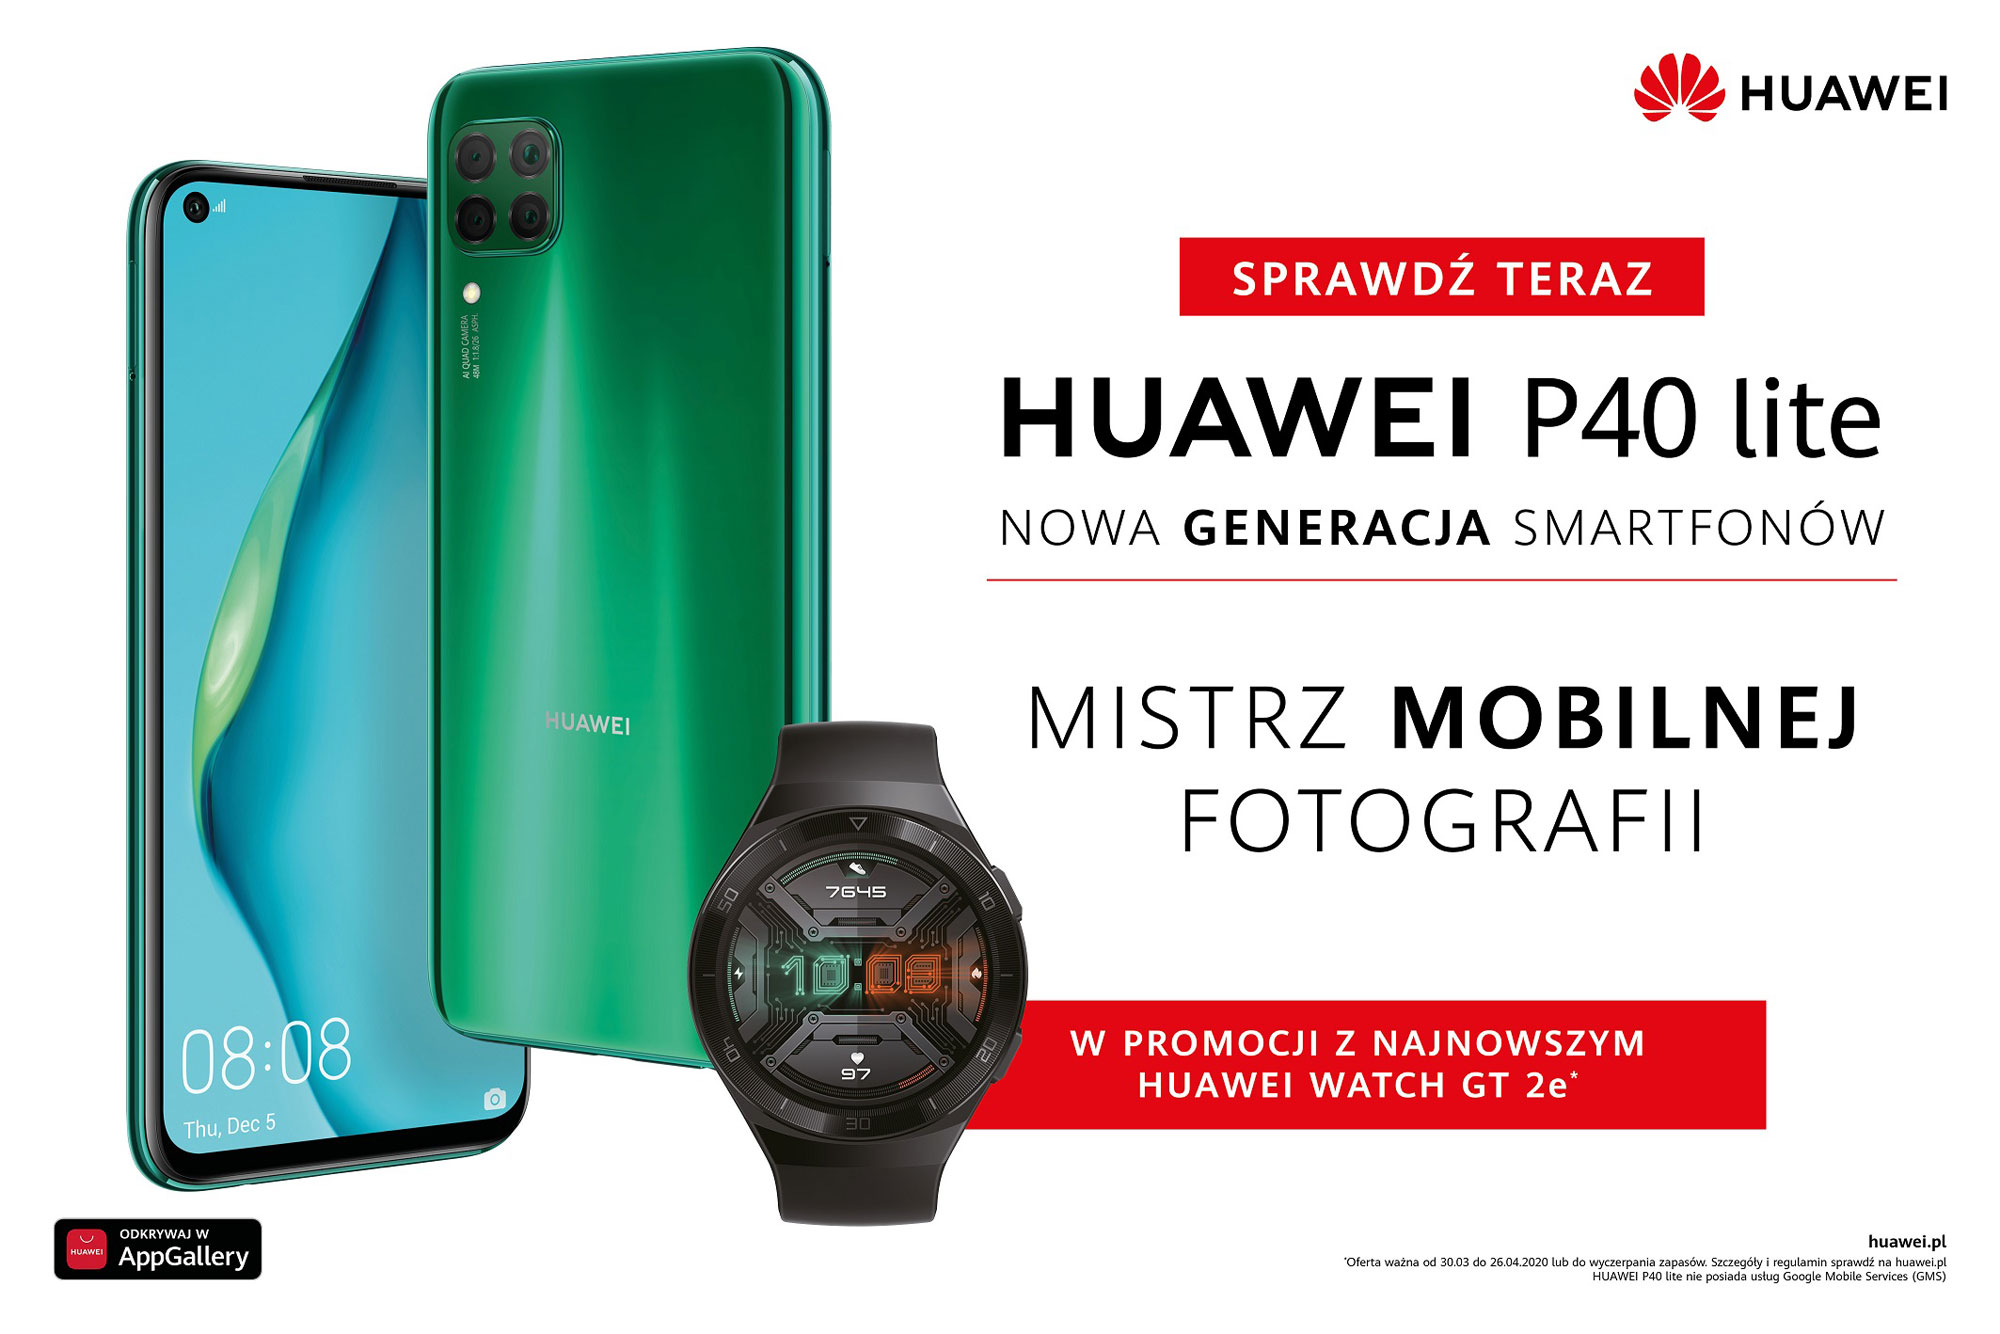 Huawei P40 lite do kupienia za 1599 z³otych w zestawie z Watch GT 2e